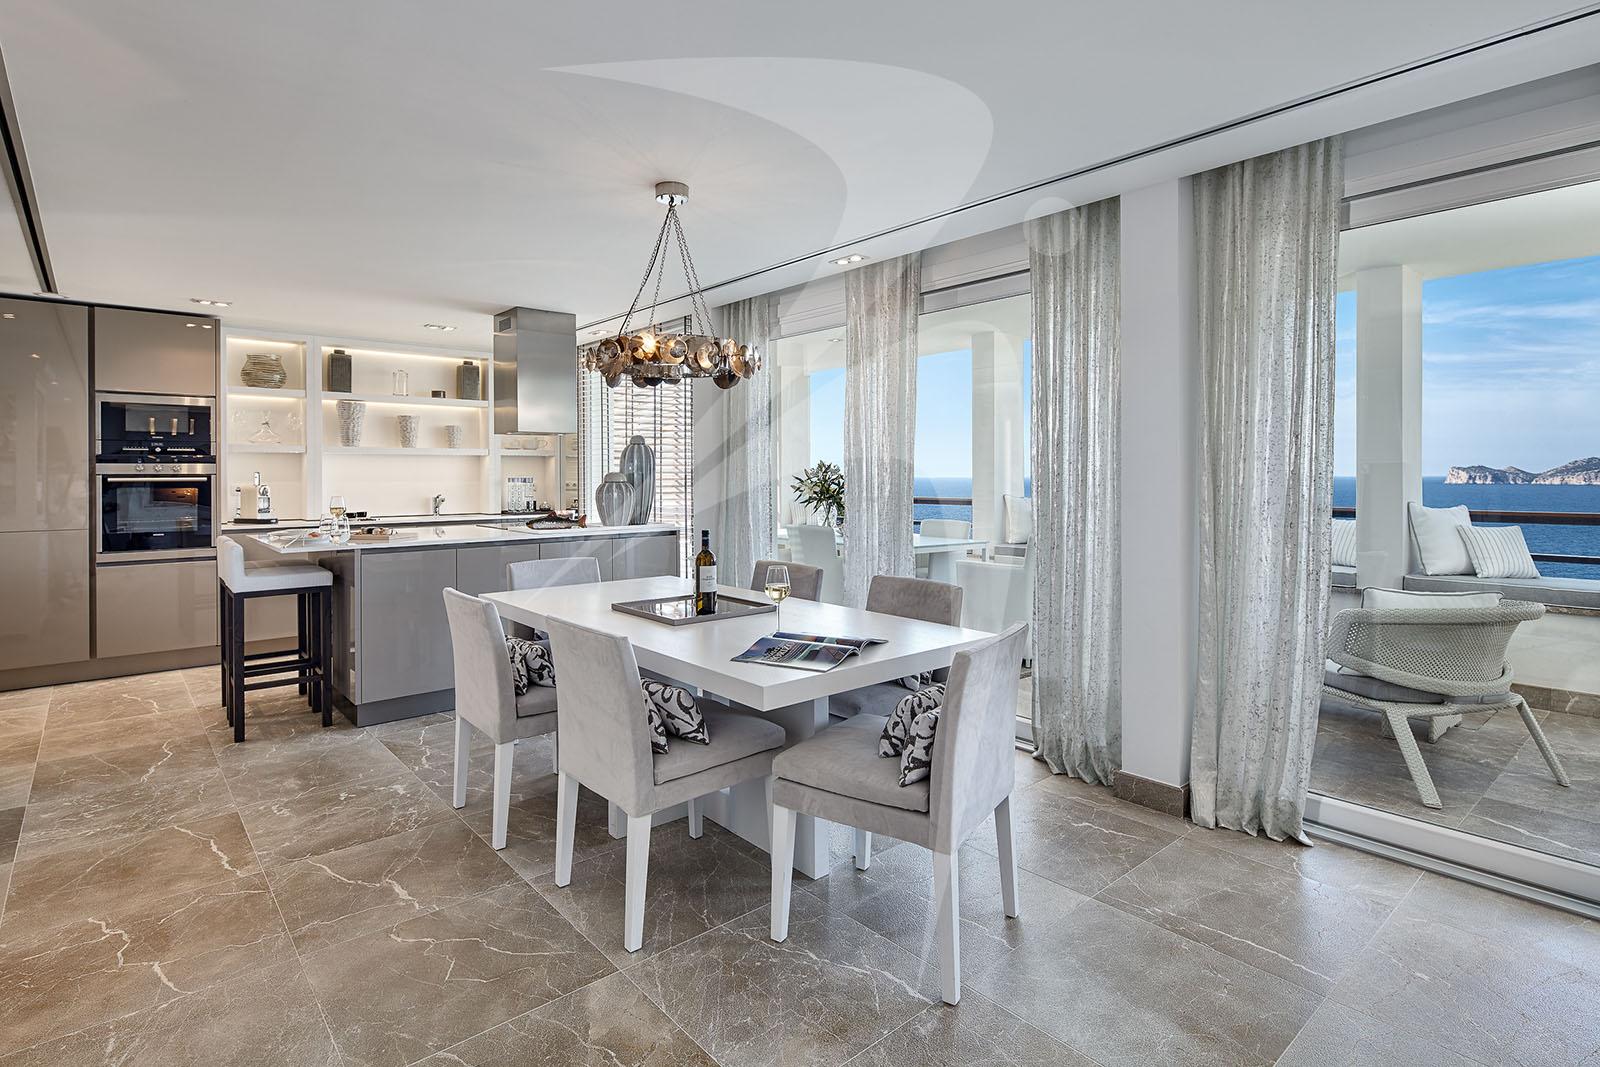 Villa La Mola Auf Mallorca Luxusimmobilie Ohne Kompromisse